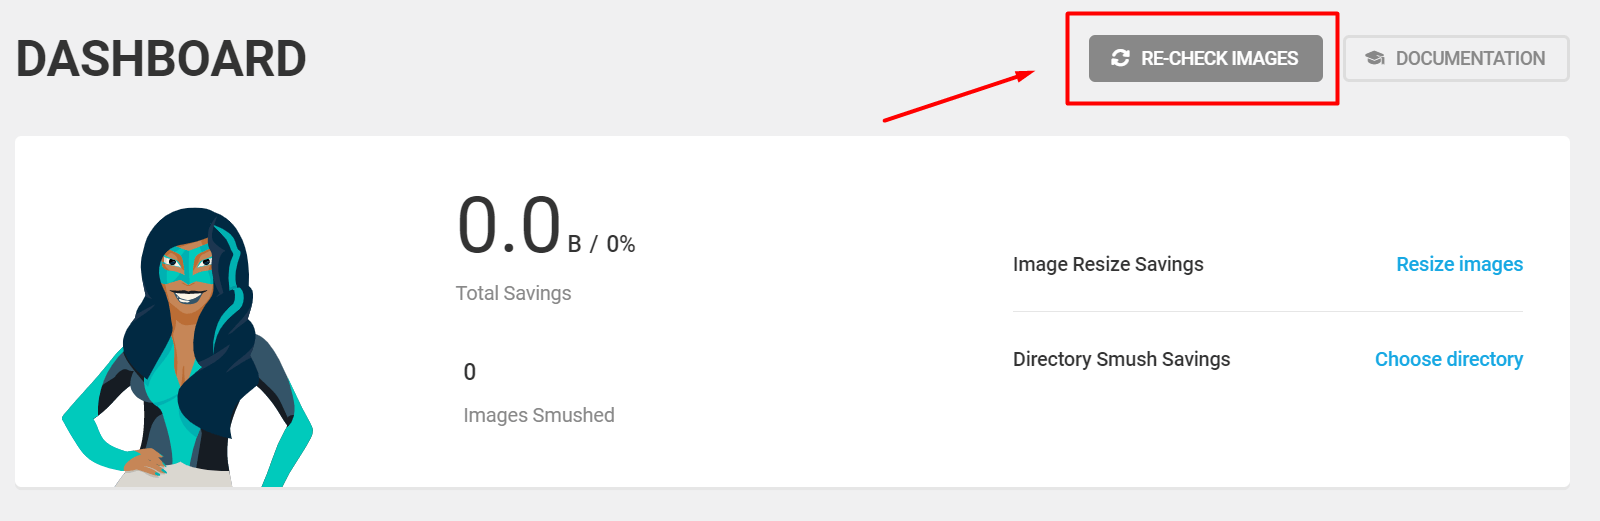 cara menggunakkan WP smush versi manual yang pertama adalah dengan re-check images